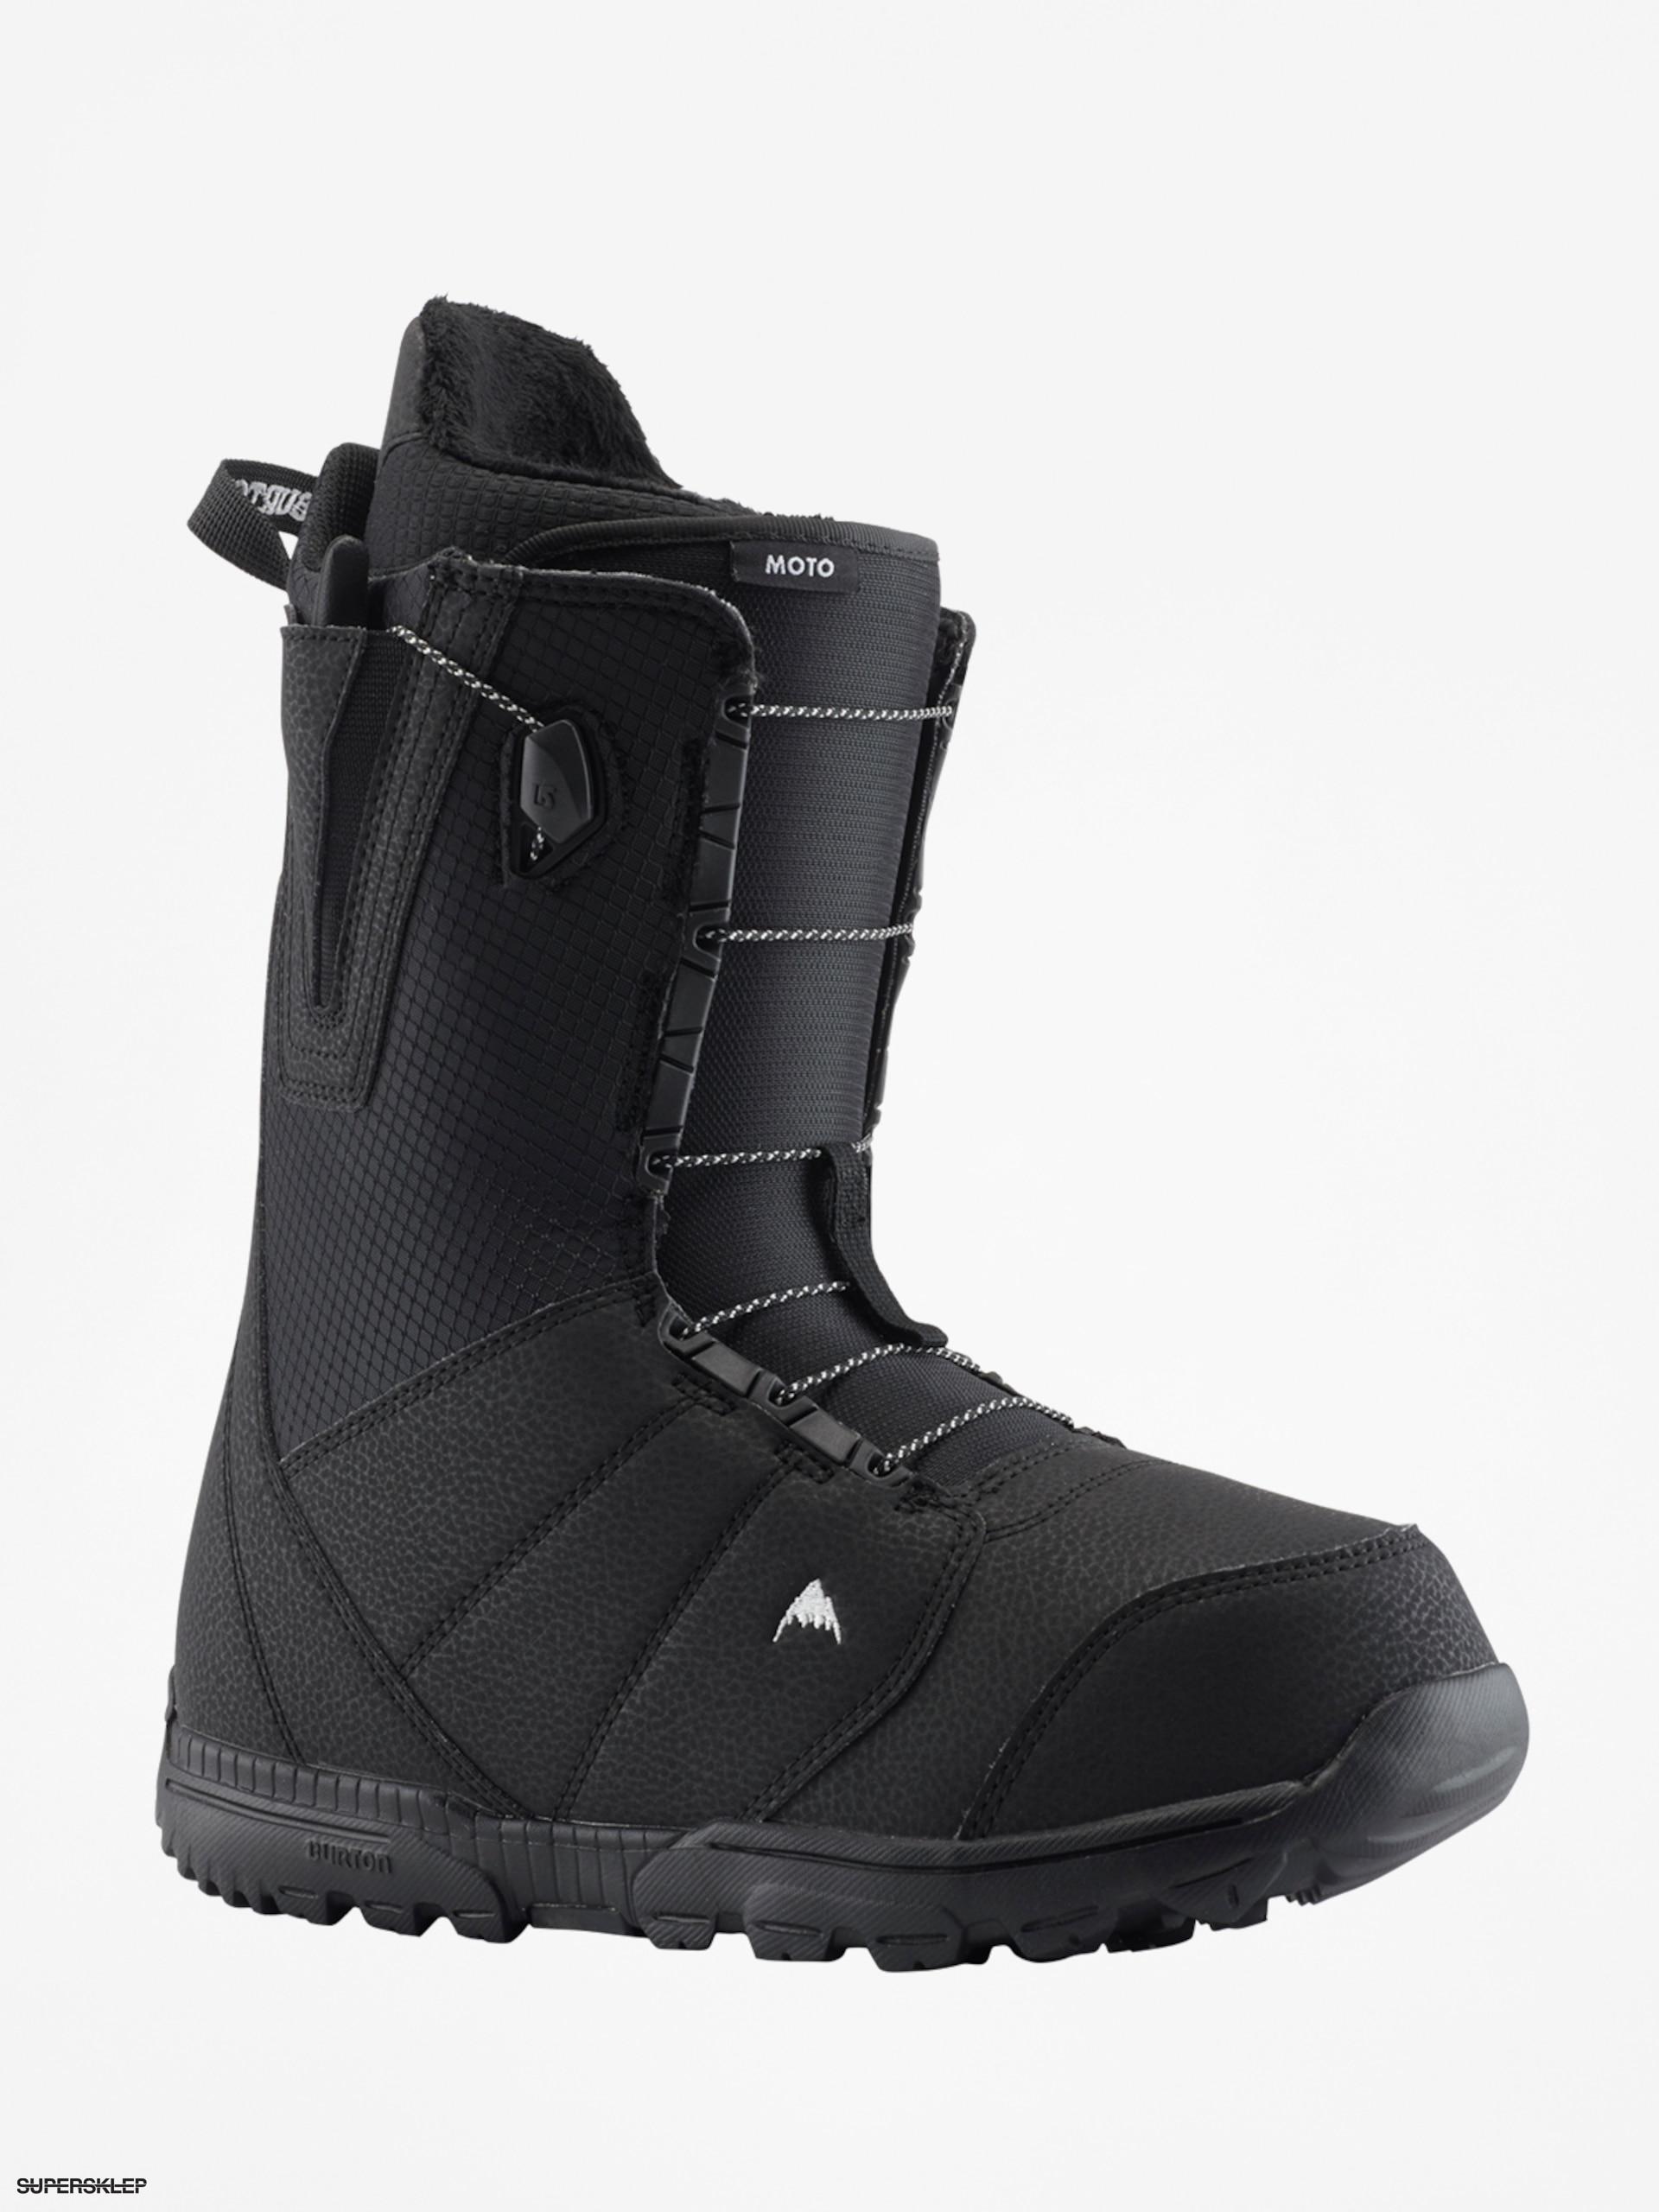 98f09d91bb11 Obuv na snowboard Burton Moto (black)